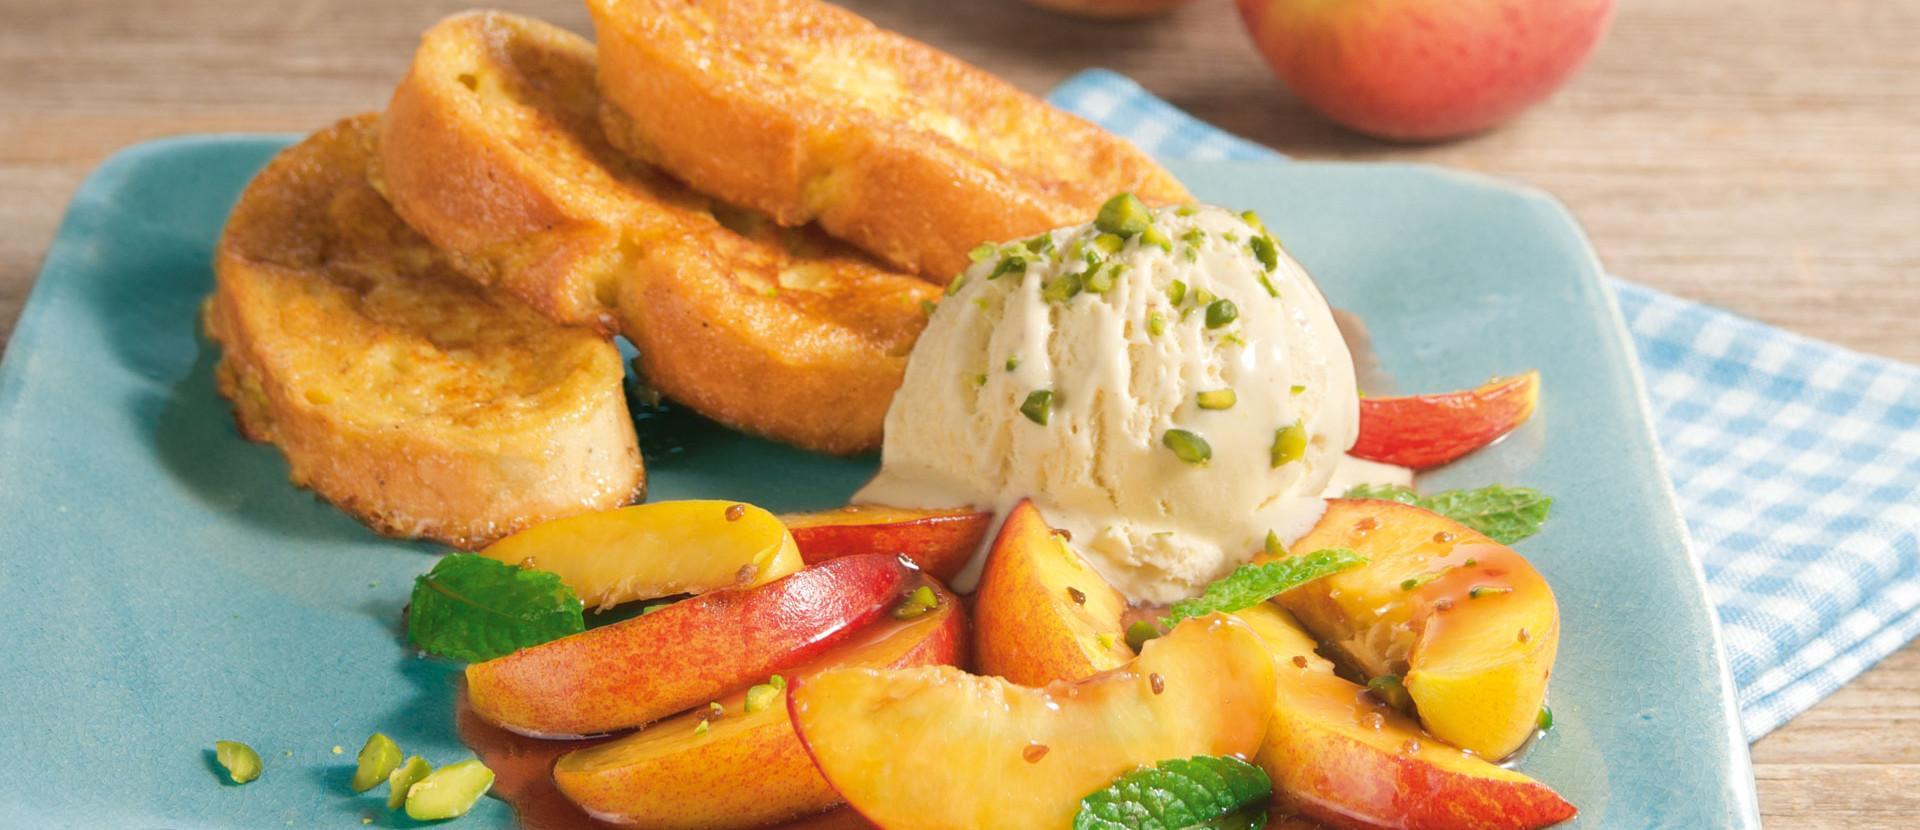 Pfirsichsalat zu Semmelschnitten mit Vanilleeis